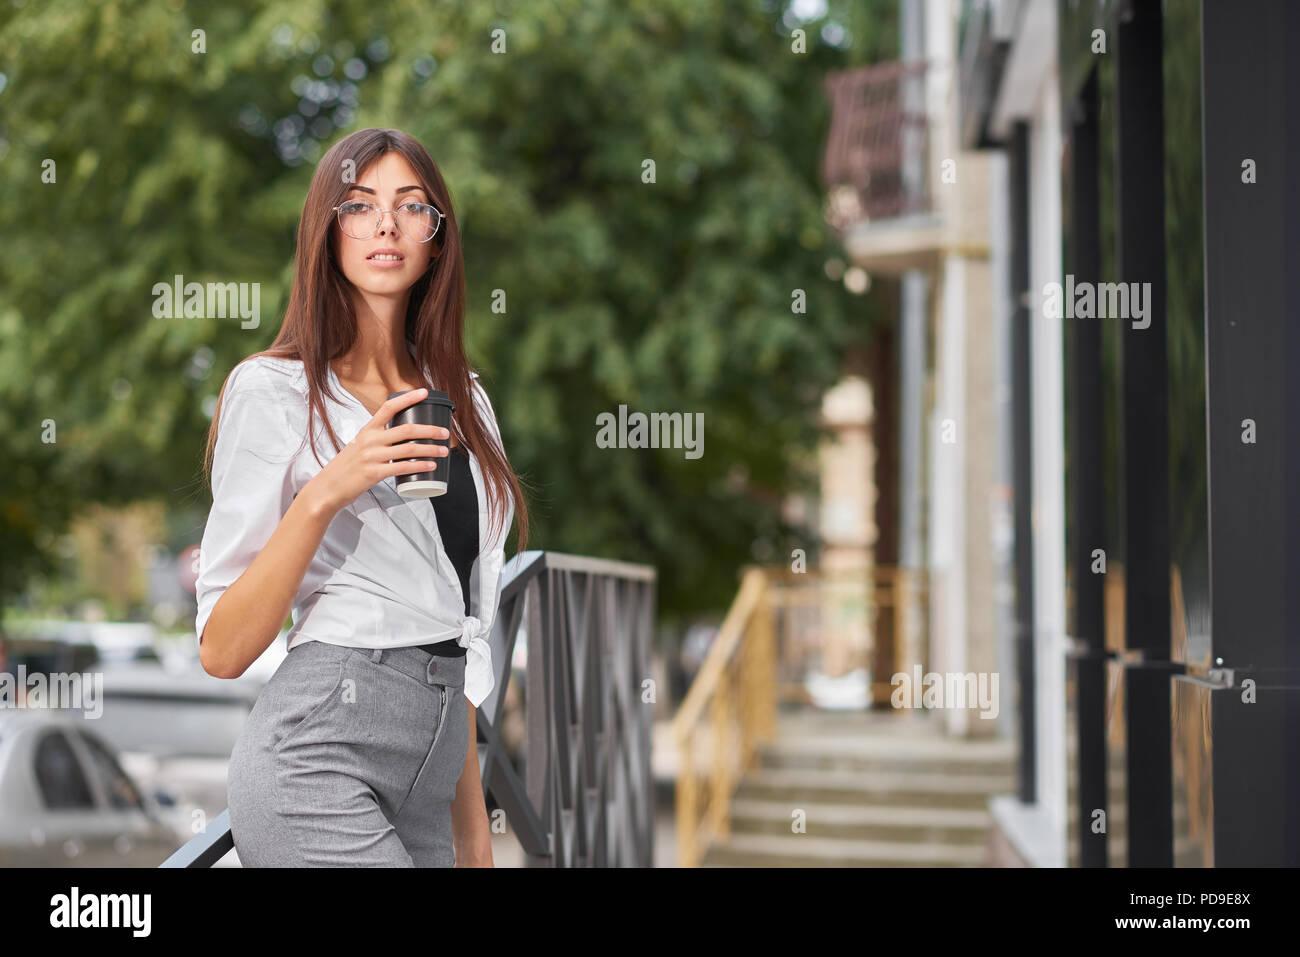 77b956ac0abb Ritratto di vestito elegante ragazza giovane con grandi occhi e labbra  carnose